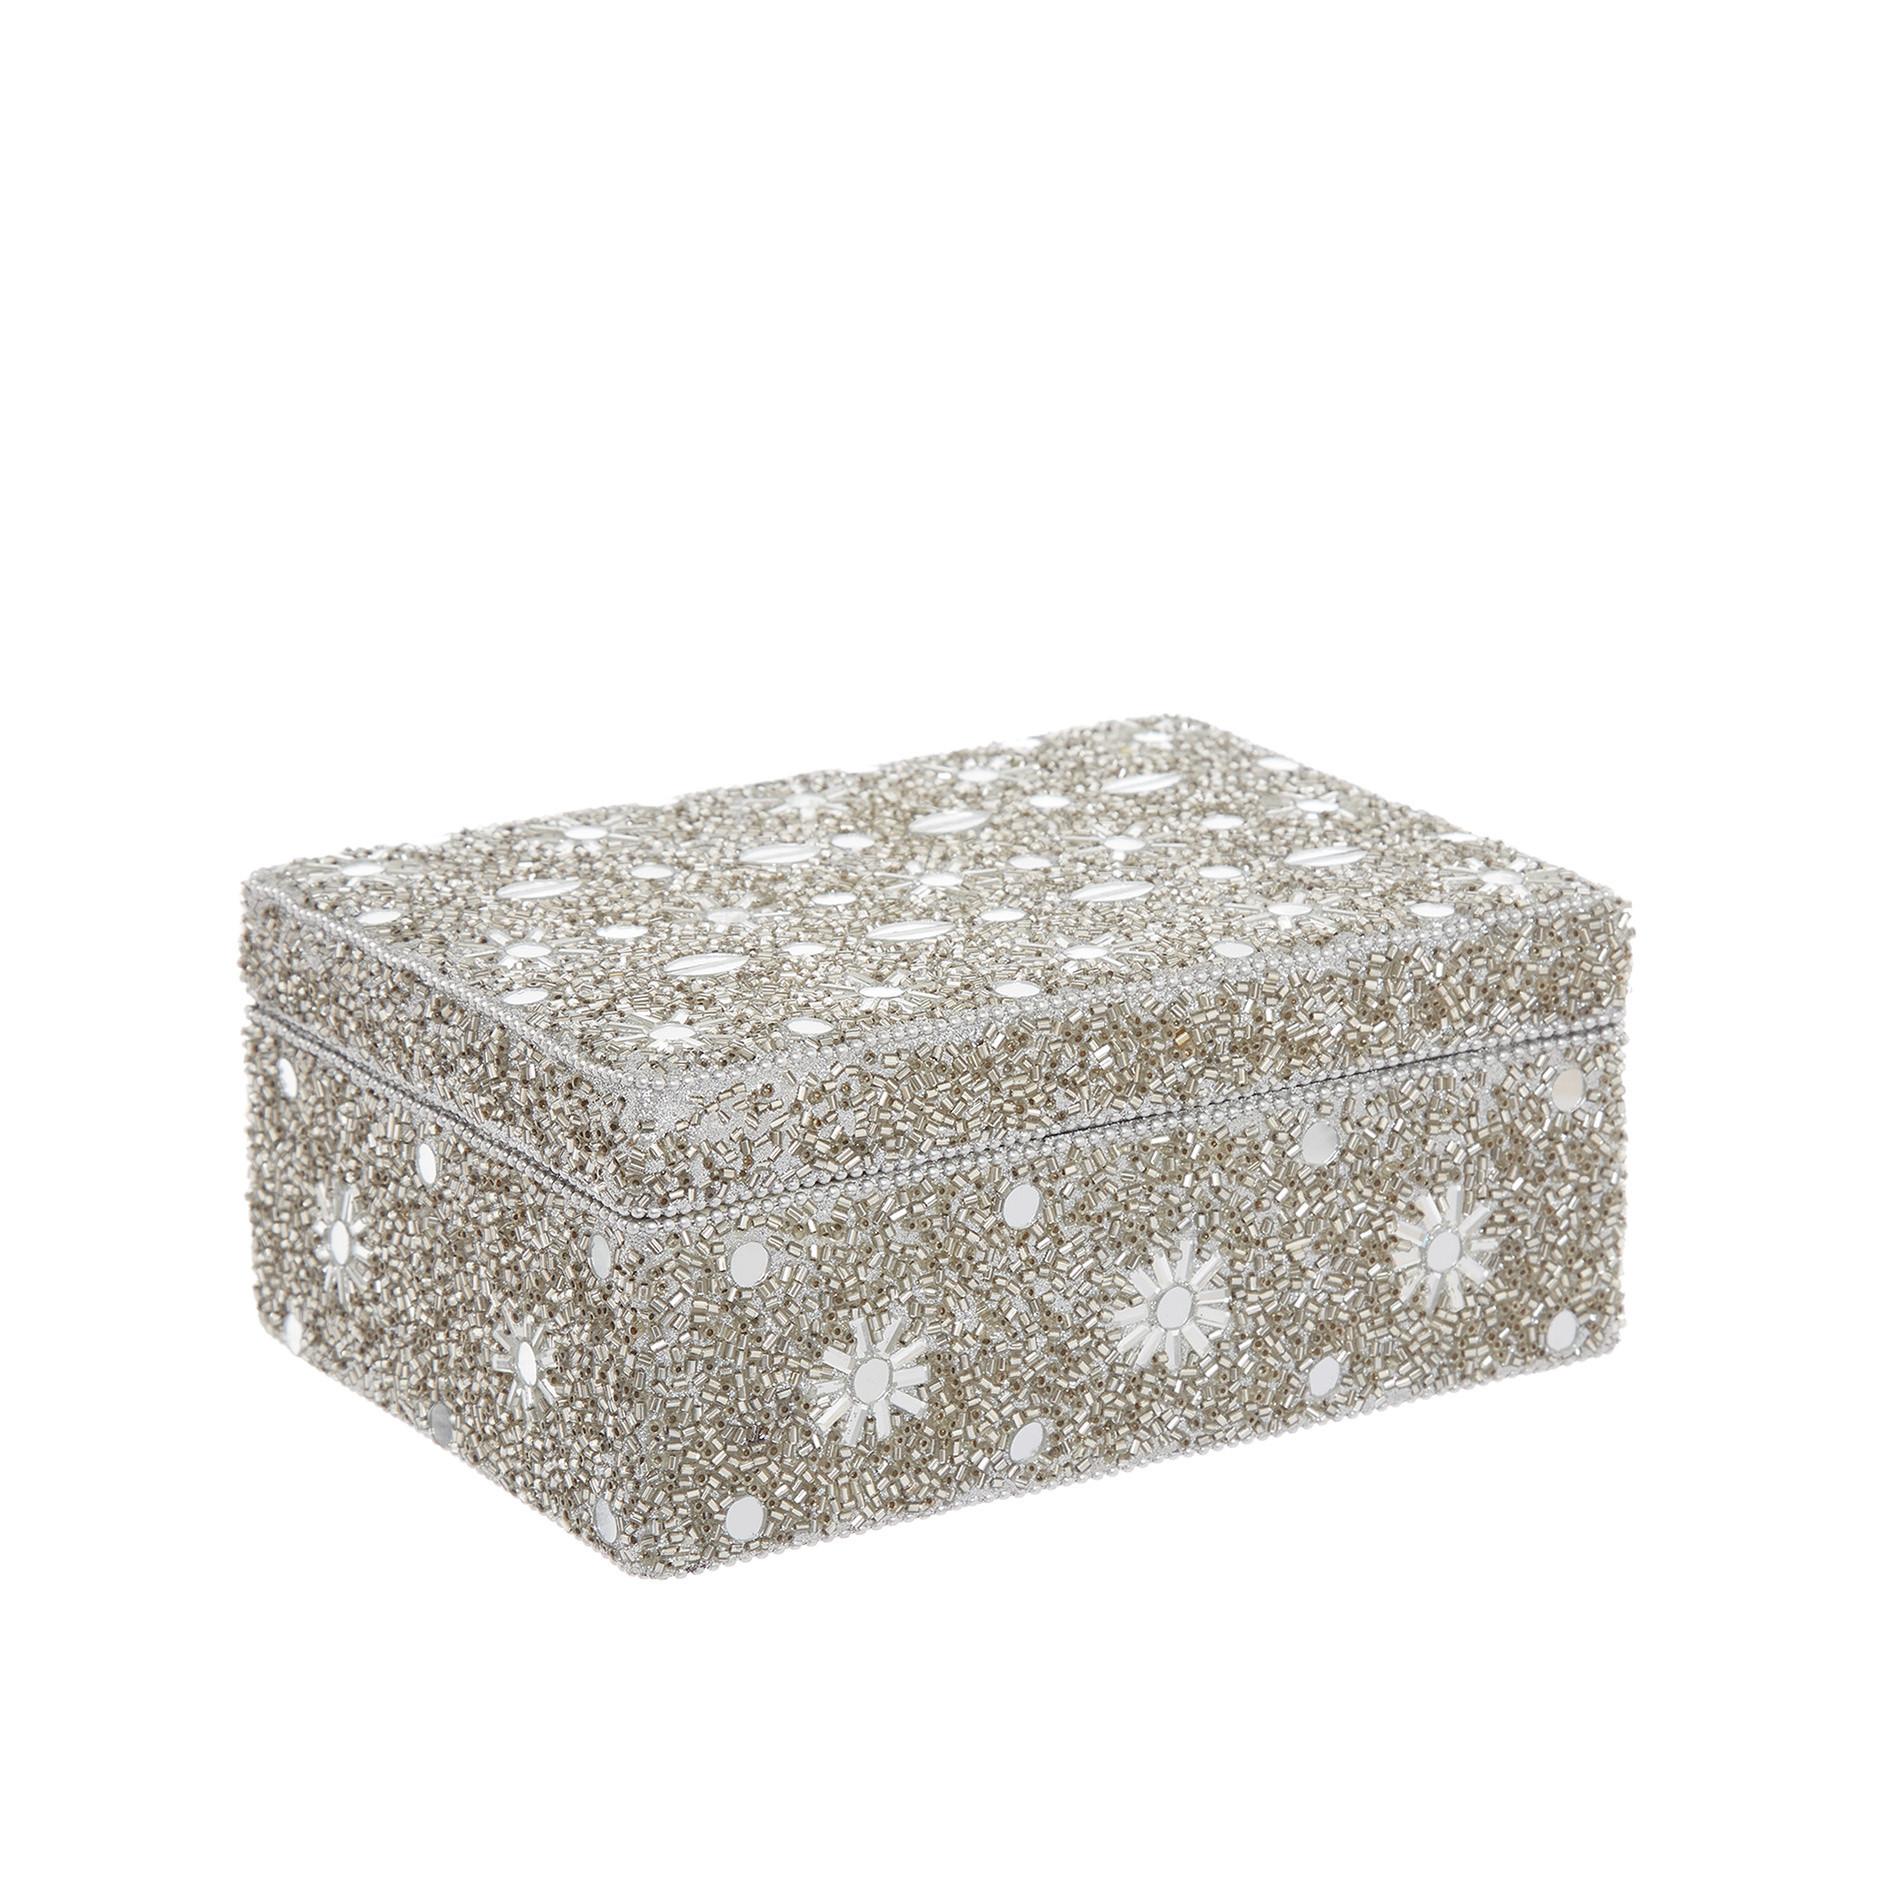 Portagioie con perline fatto a mano, Grigio argento, large image number 0